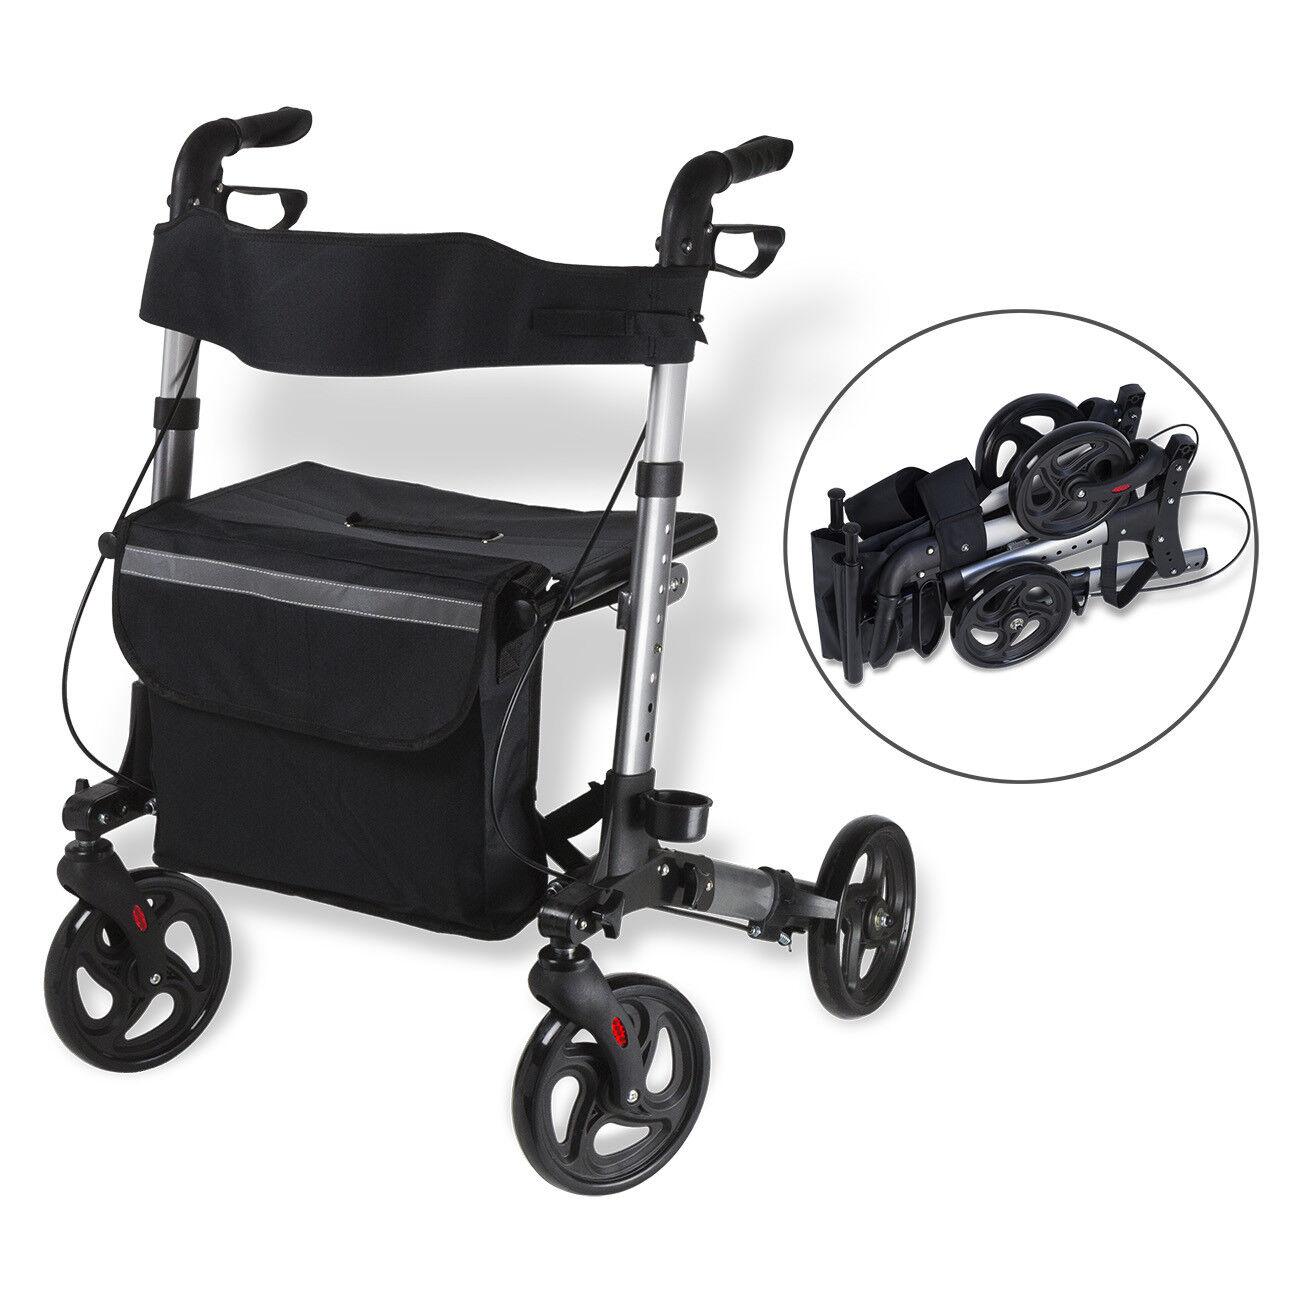 Alu Rollator faltbar leicht Laufhilfe Gehhilfe Gehwagen klappbar Sitz Reflektor